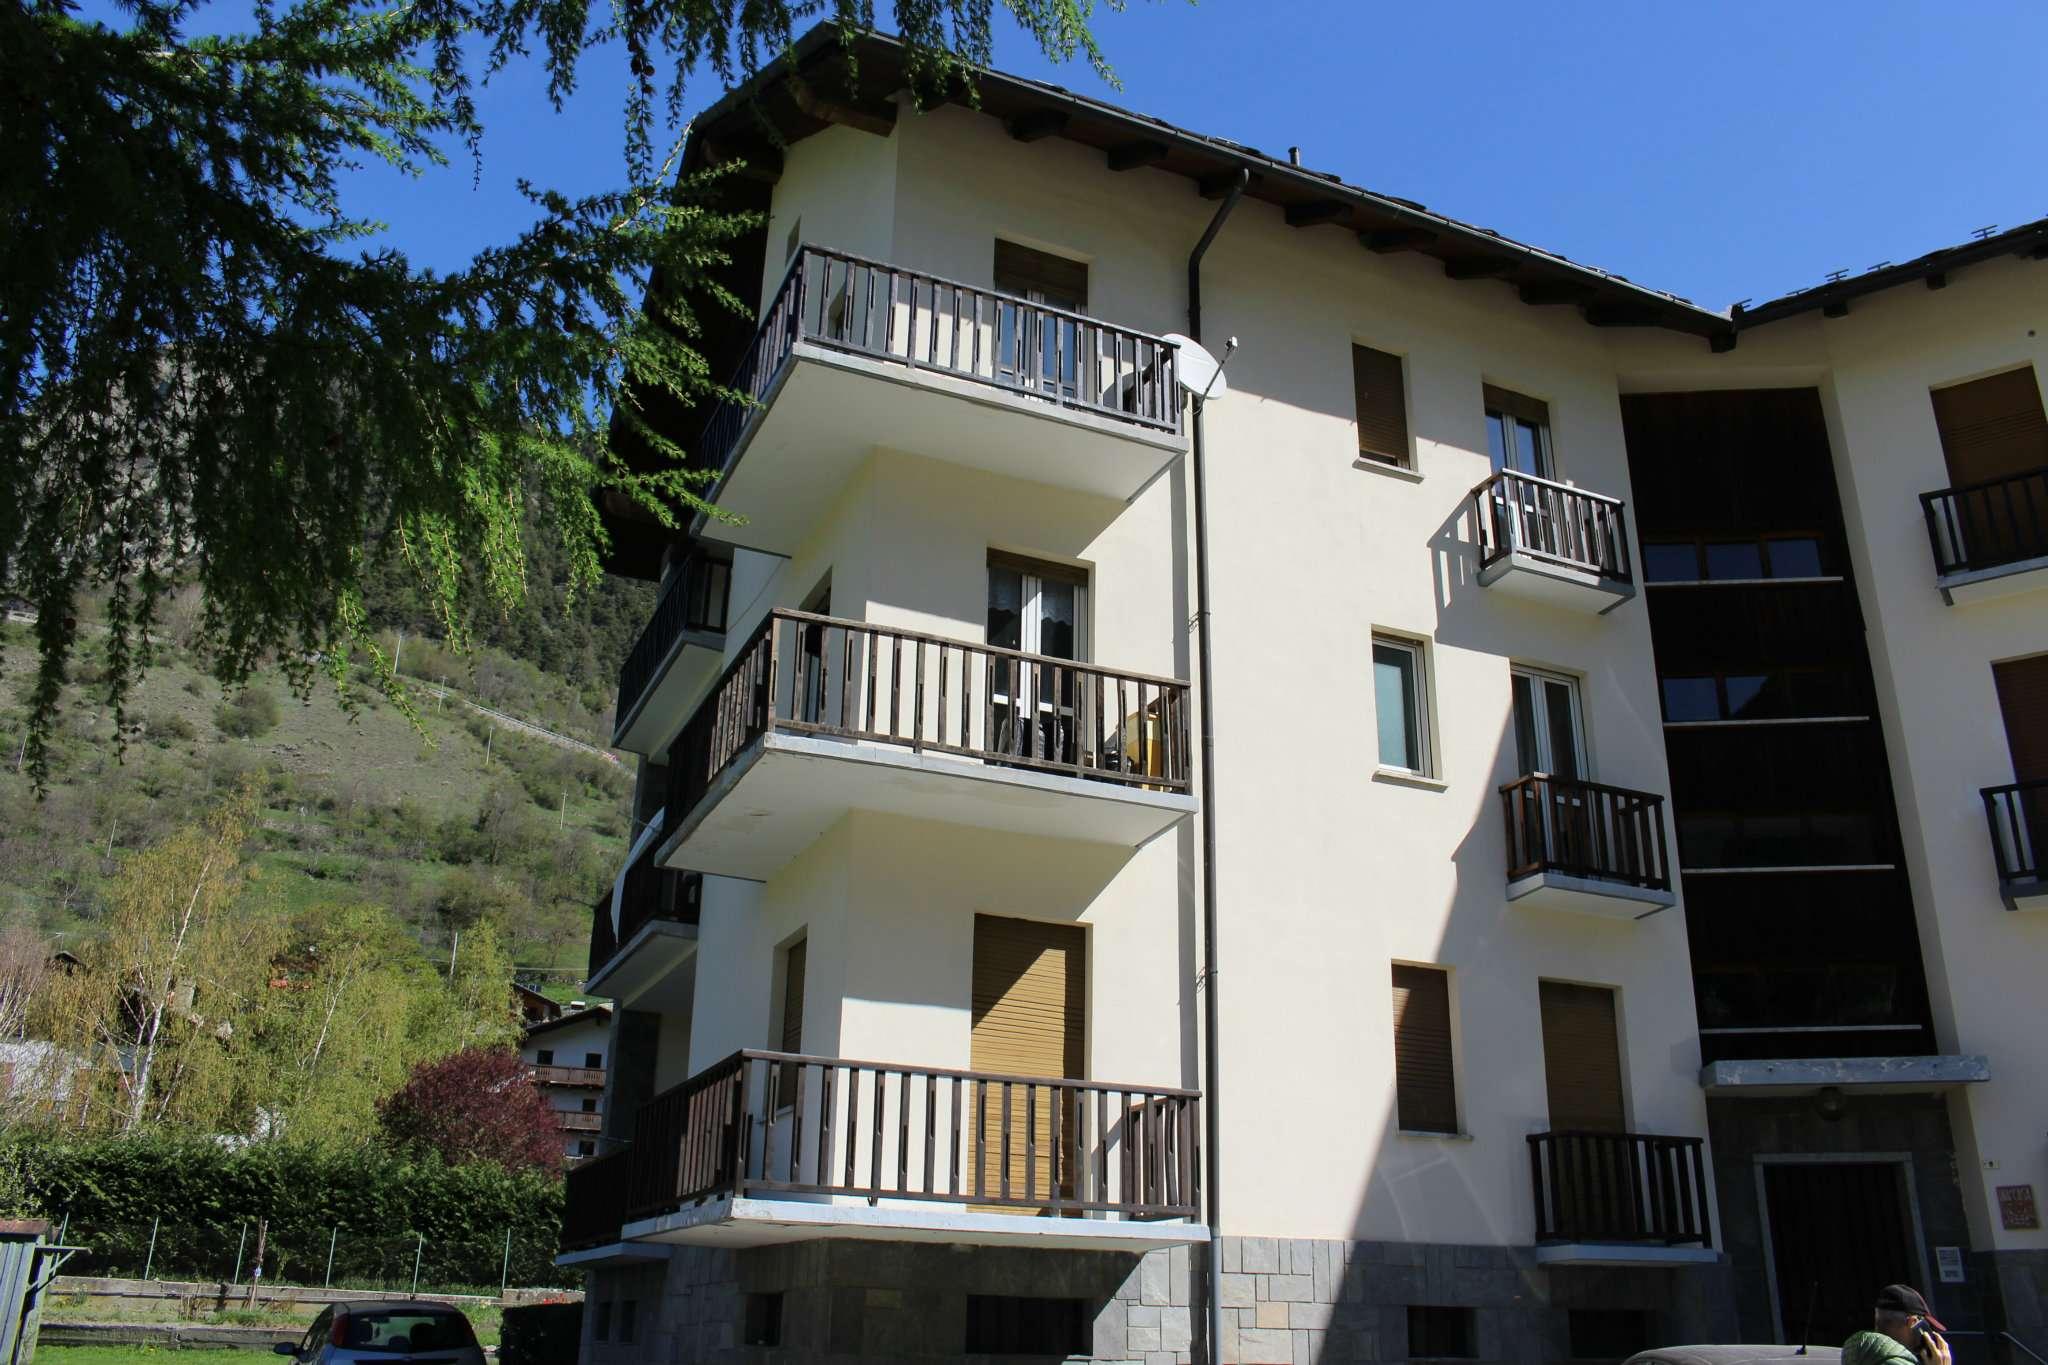 Casa valpelline in vendita waa2 for Casa di 700 metri quadrati in vendita